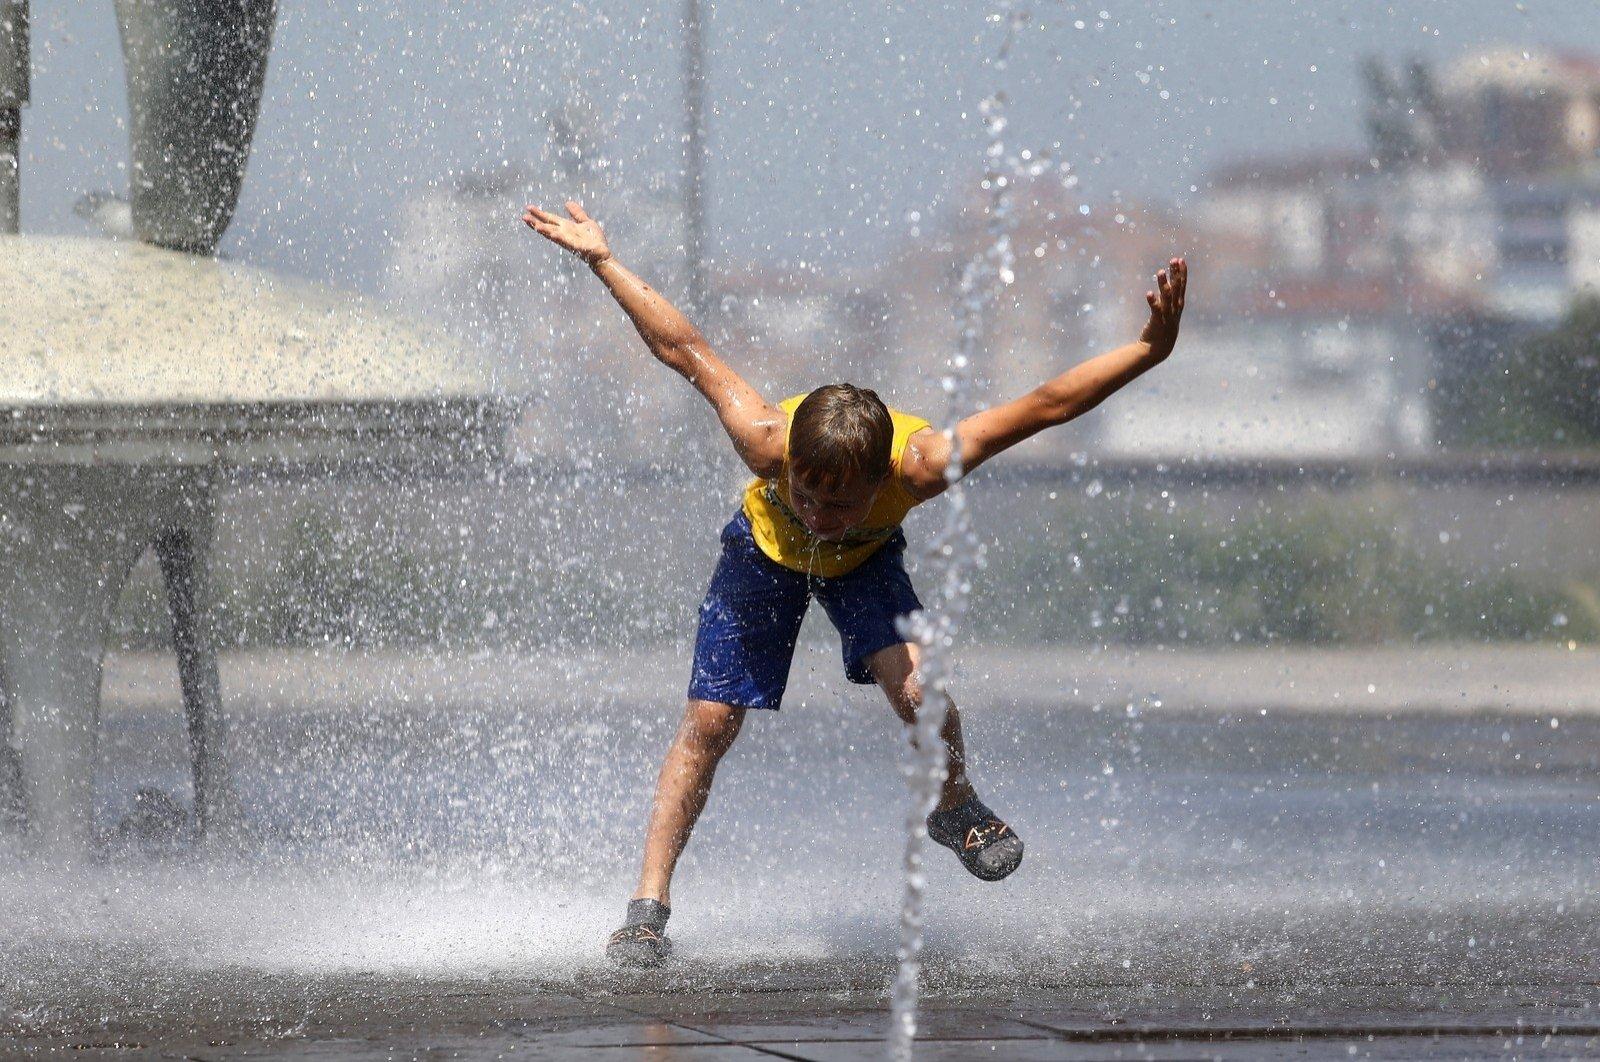 A boy leans toward a sprinkler to cool off in Bursa, northwestern Turkey, Aug. 25, 2020. (İHA Photo)